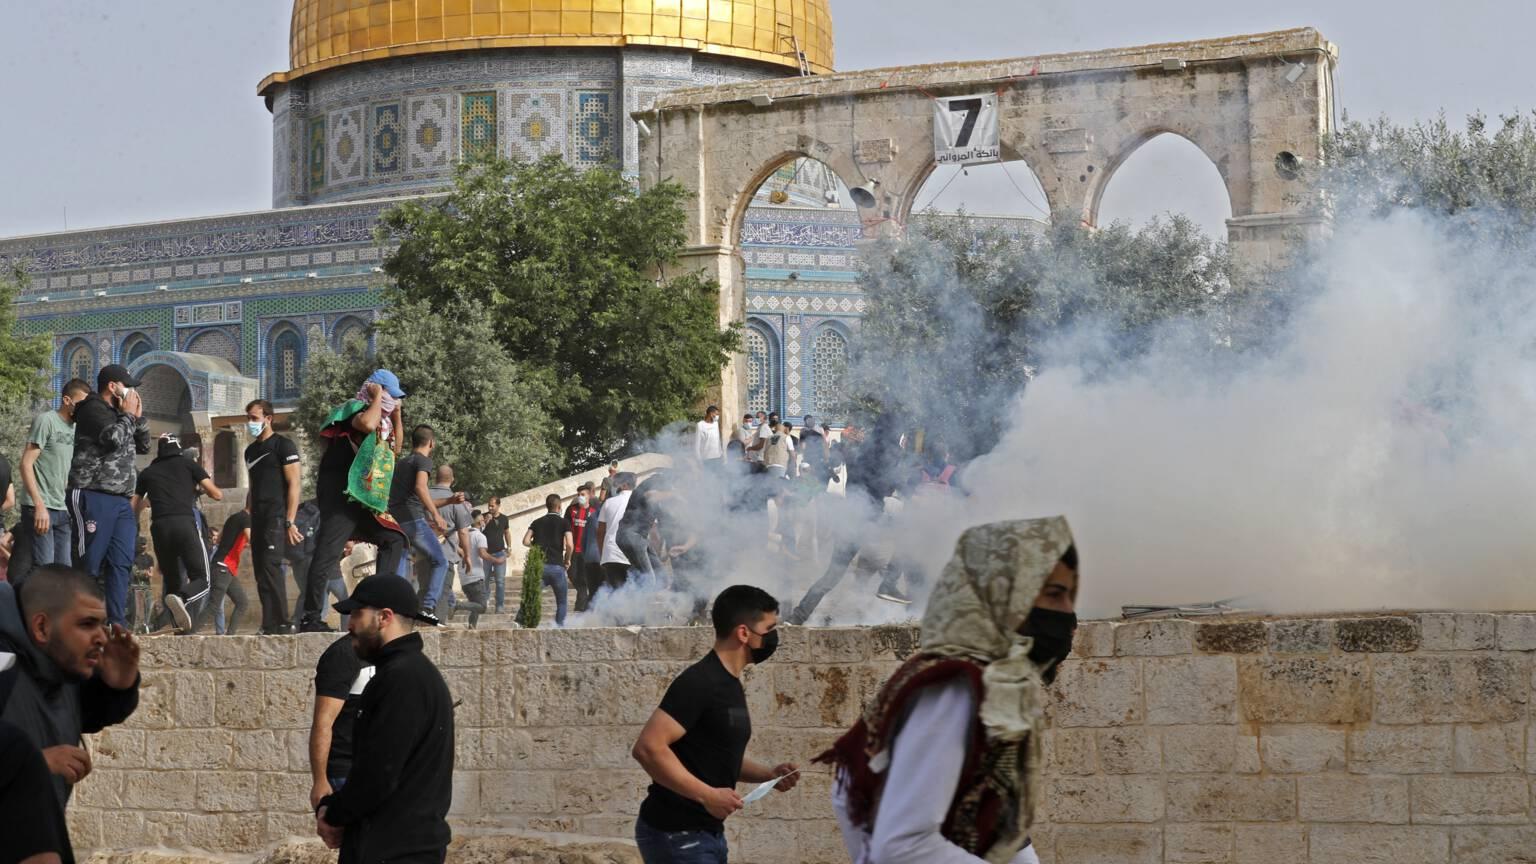 تجدد الاشتباكات في المسجد الاقصى أسفر عن إصابة المئات !!